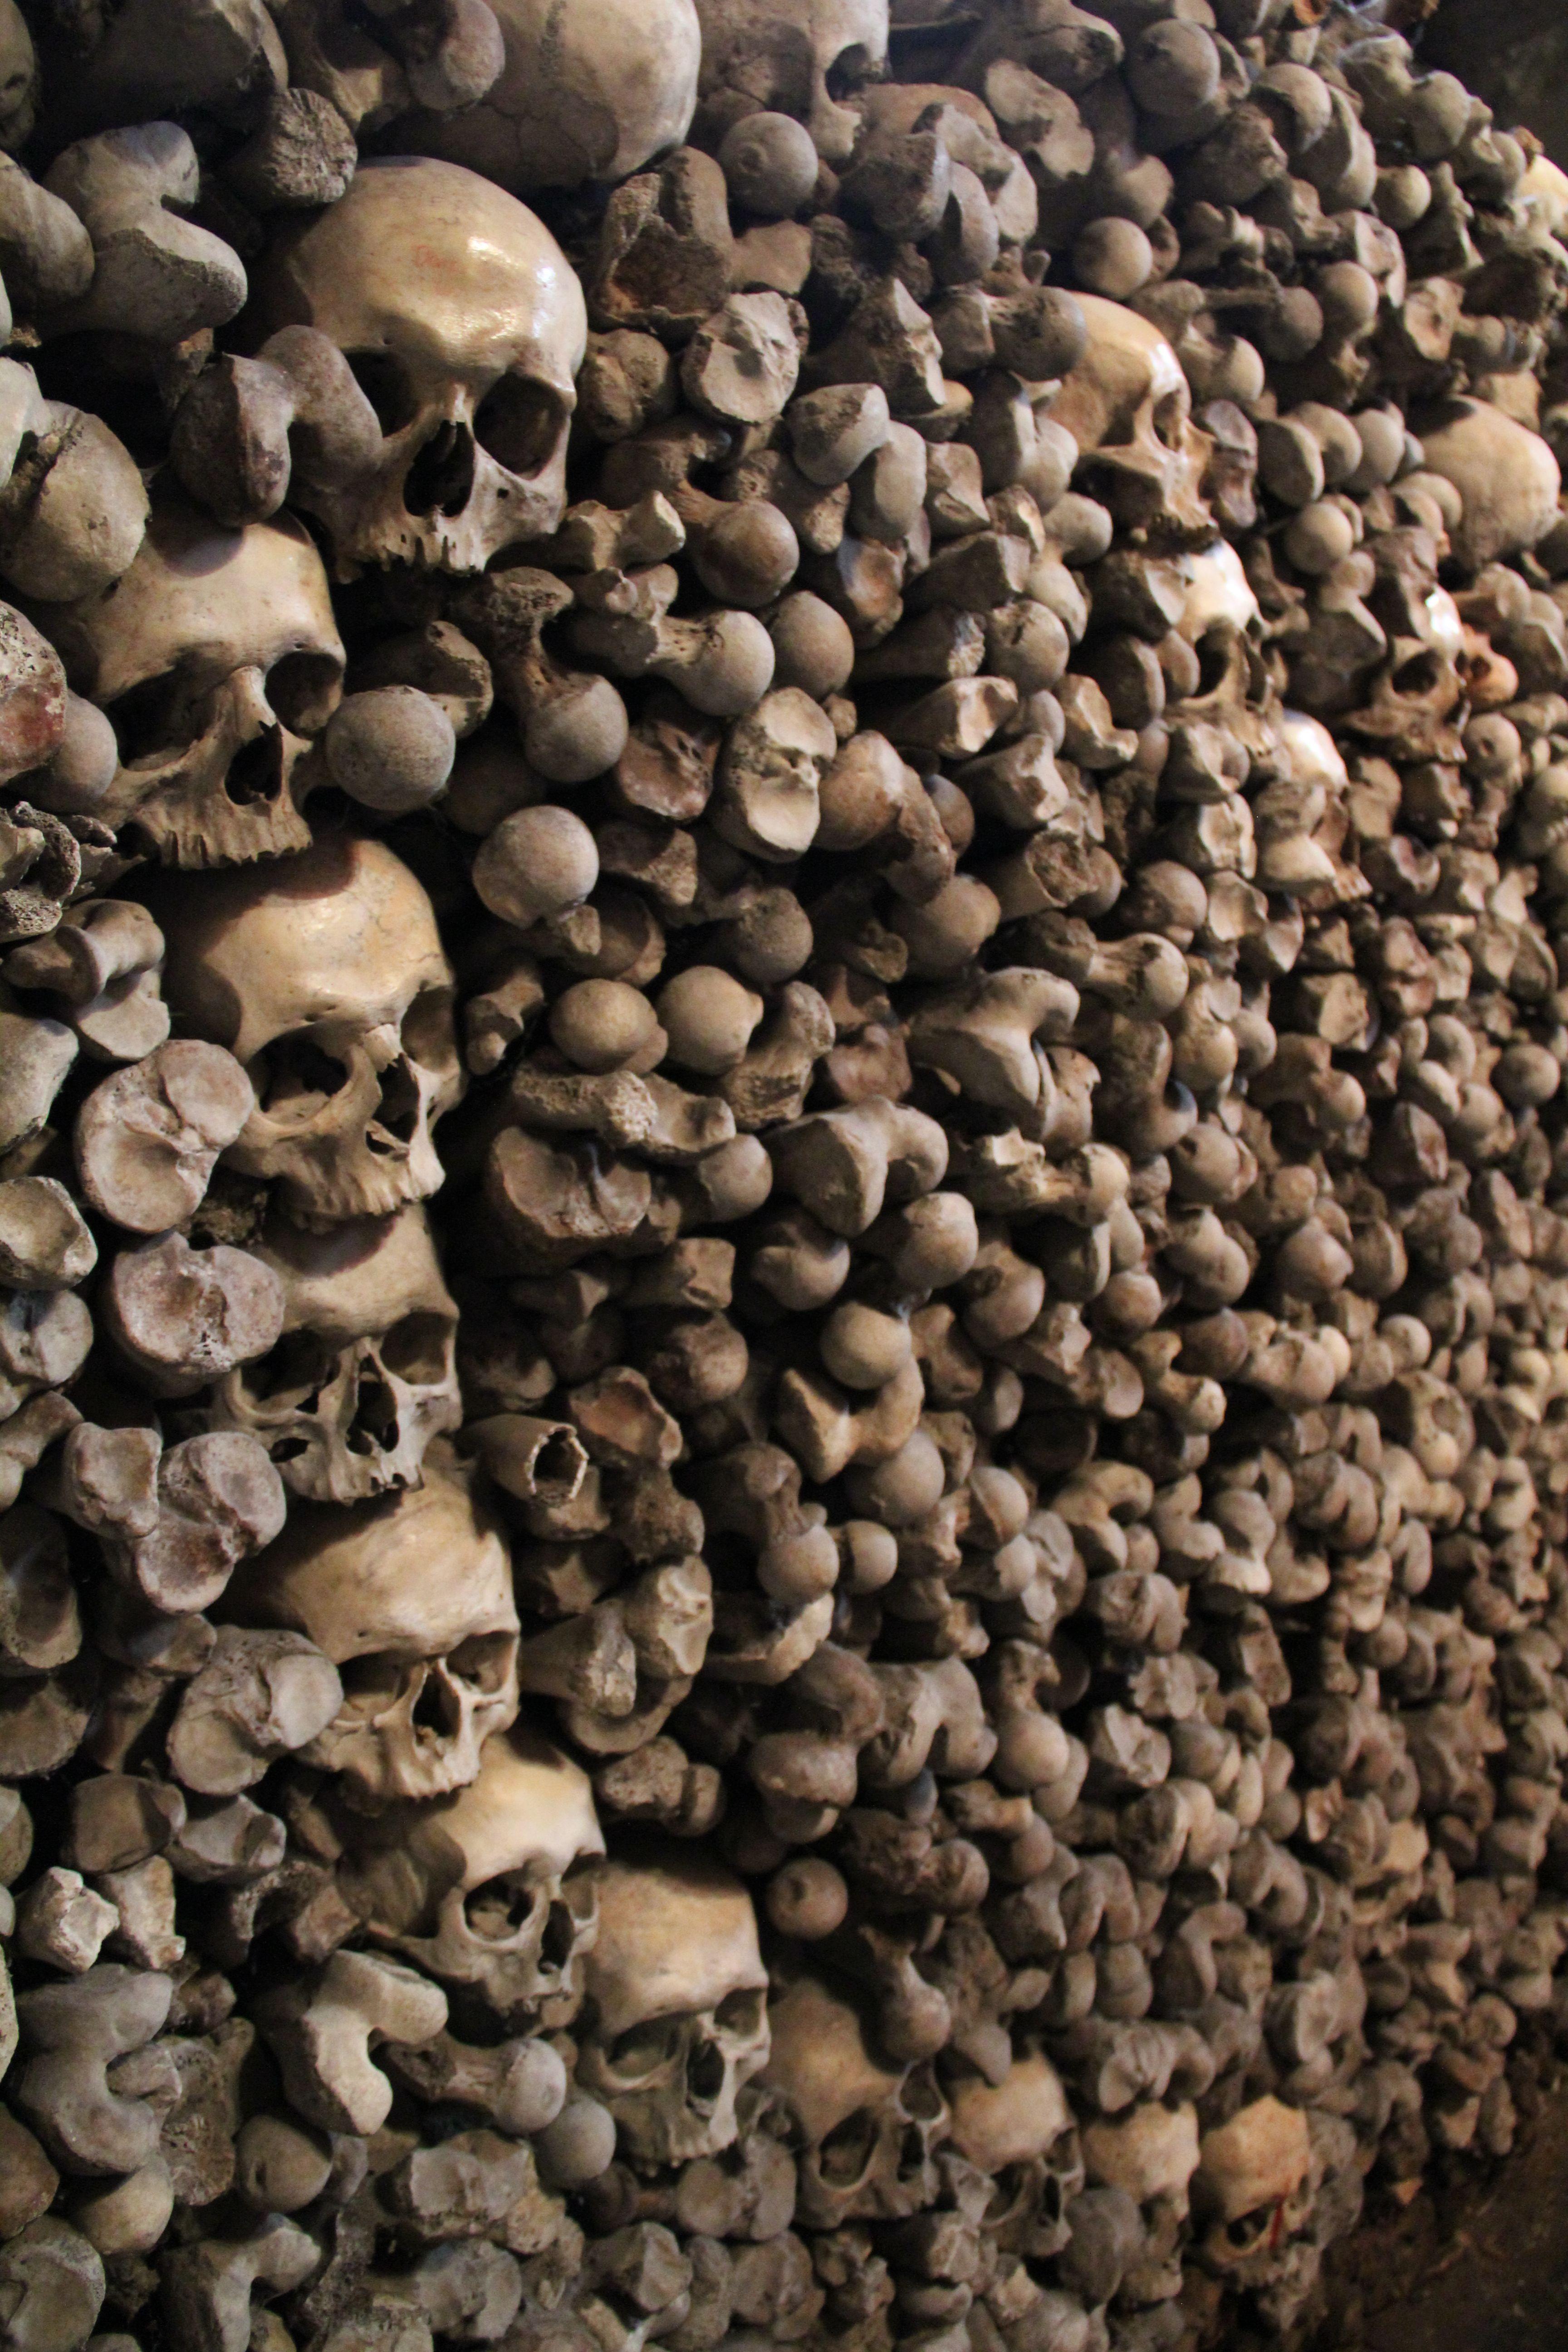 10+ Animal skulls for sale images